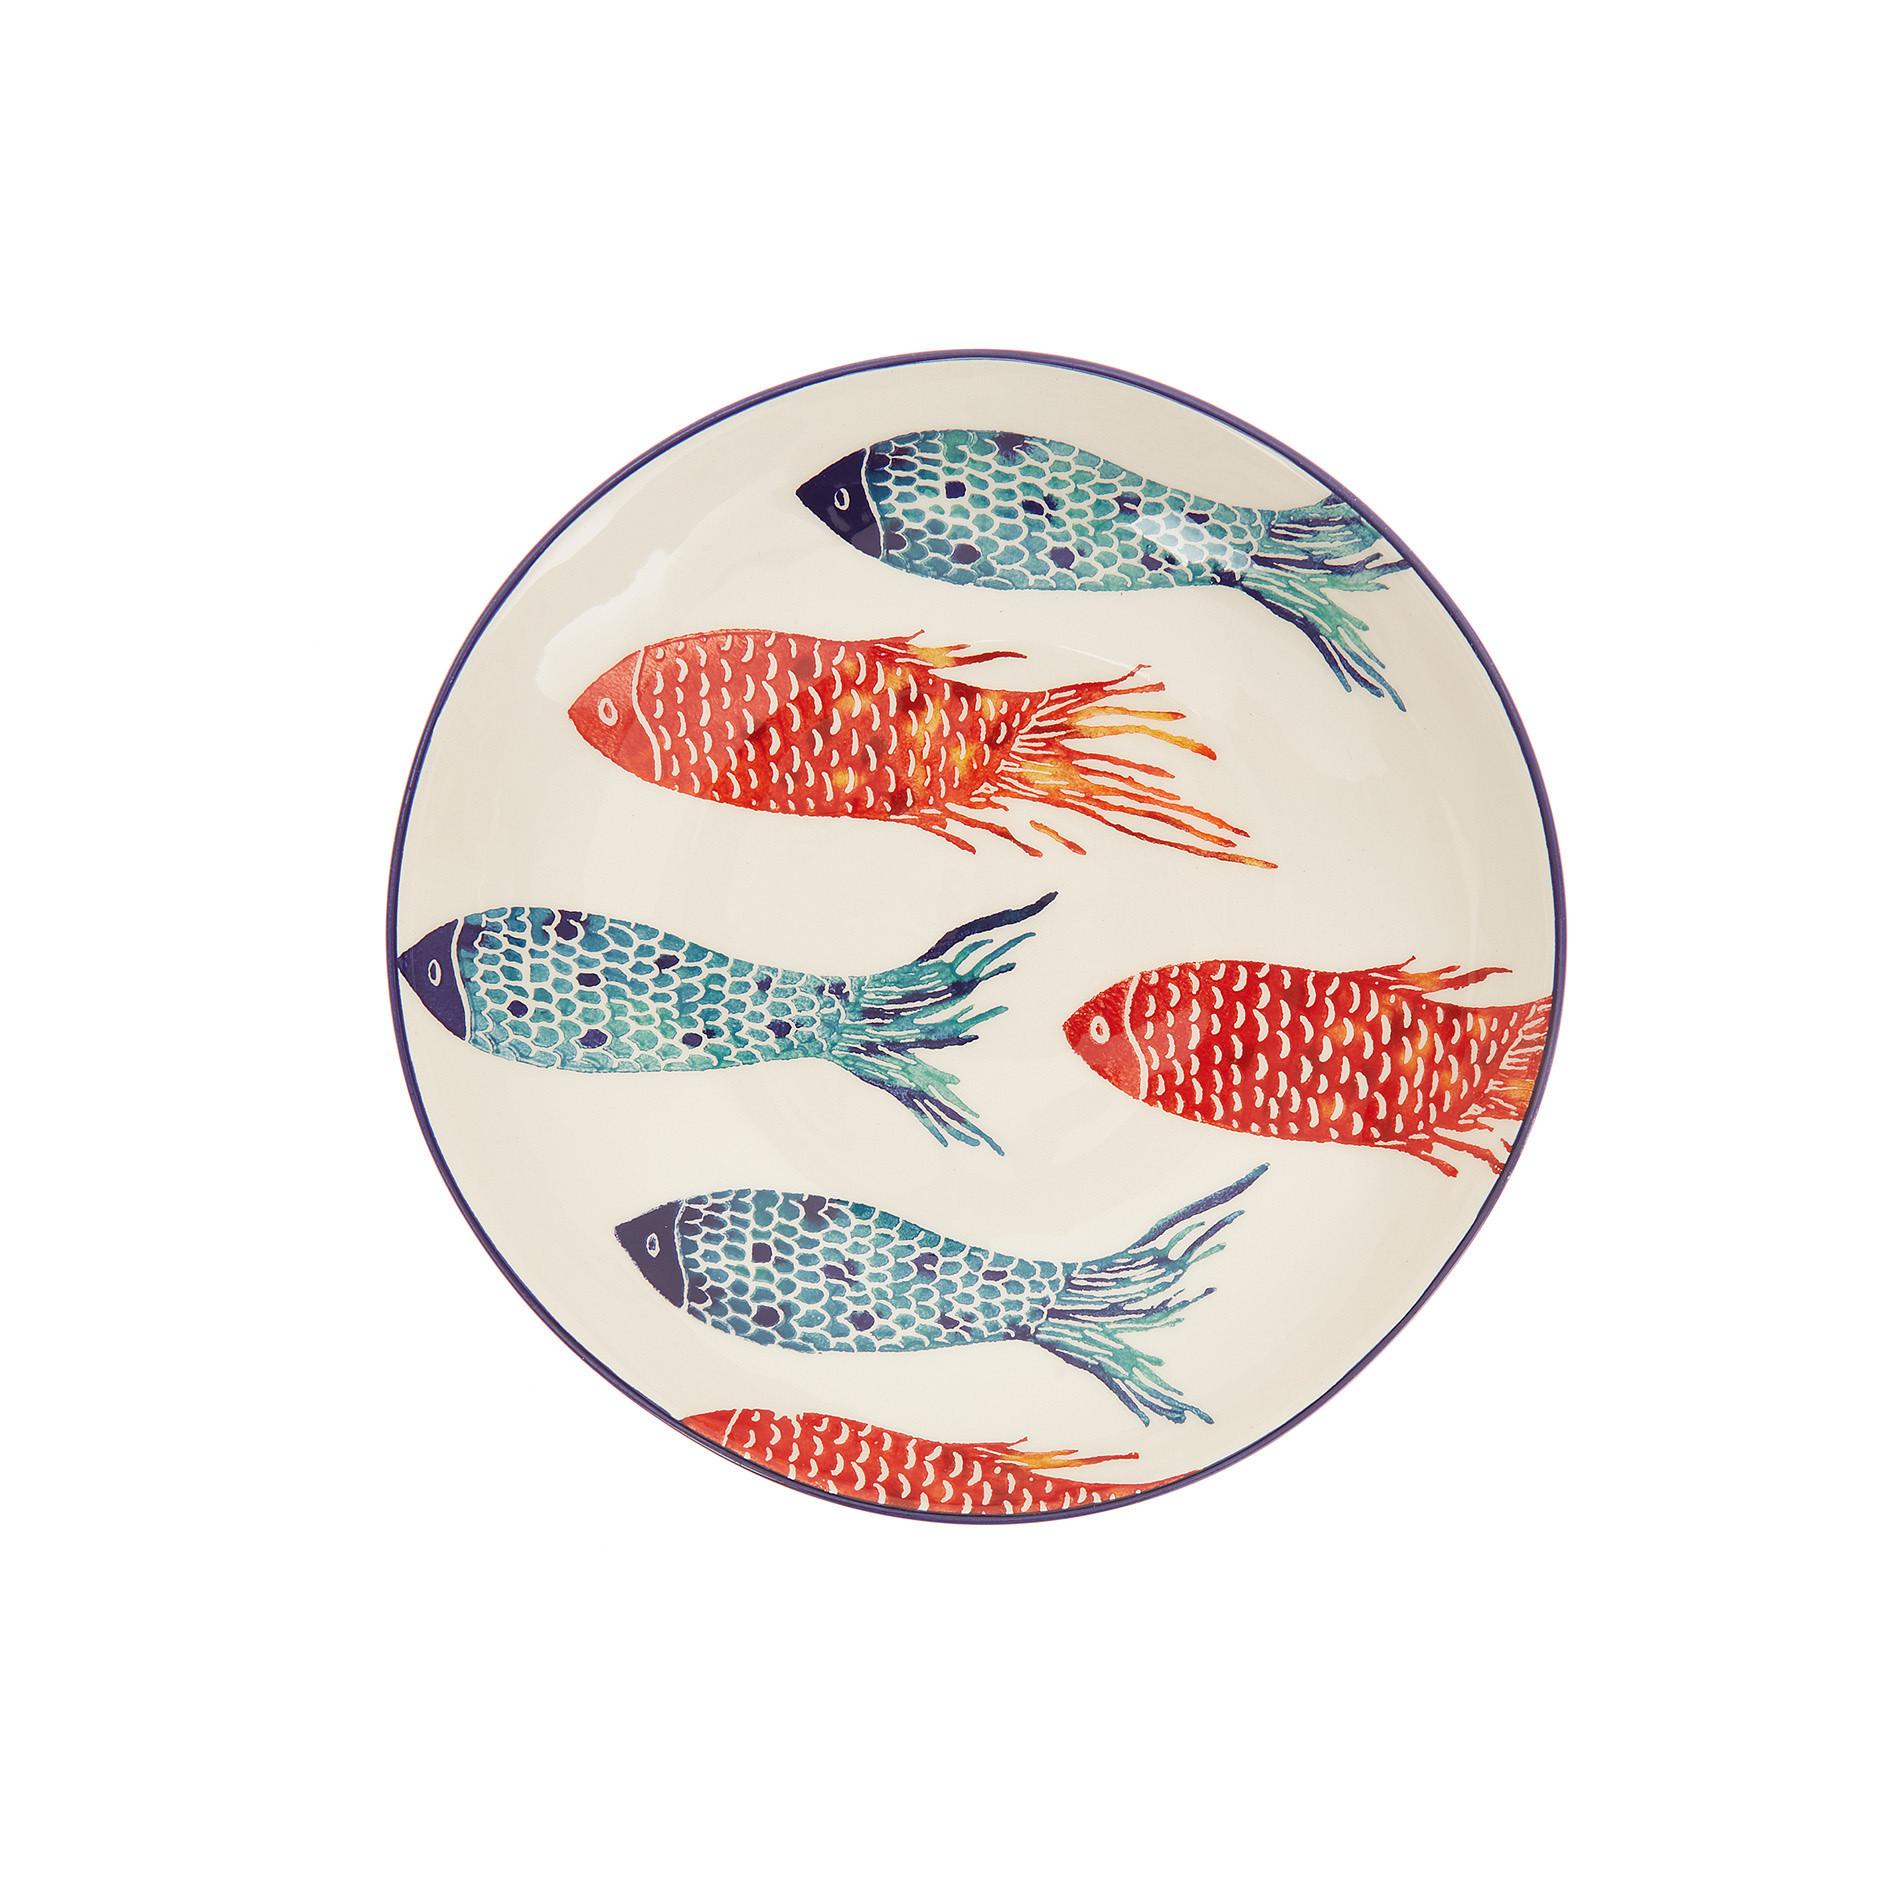 Piatto fondo ceramica decoro pesci, Bianco/Multicolor, large image number 1